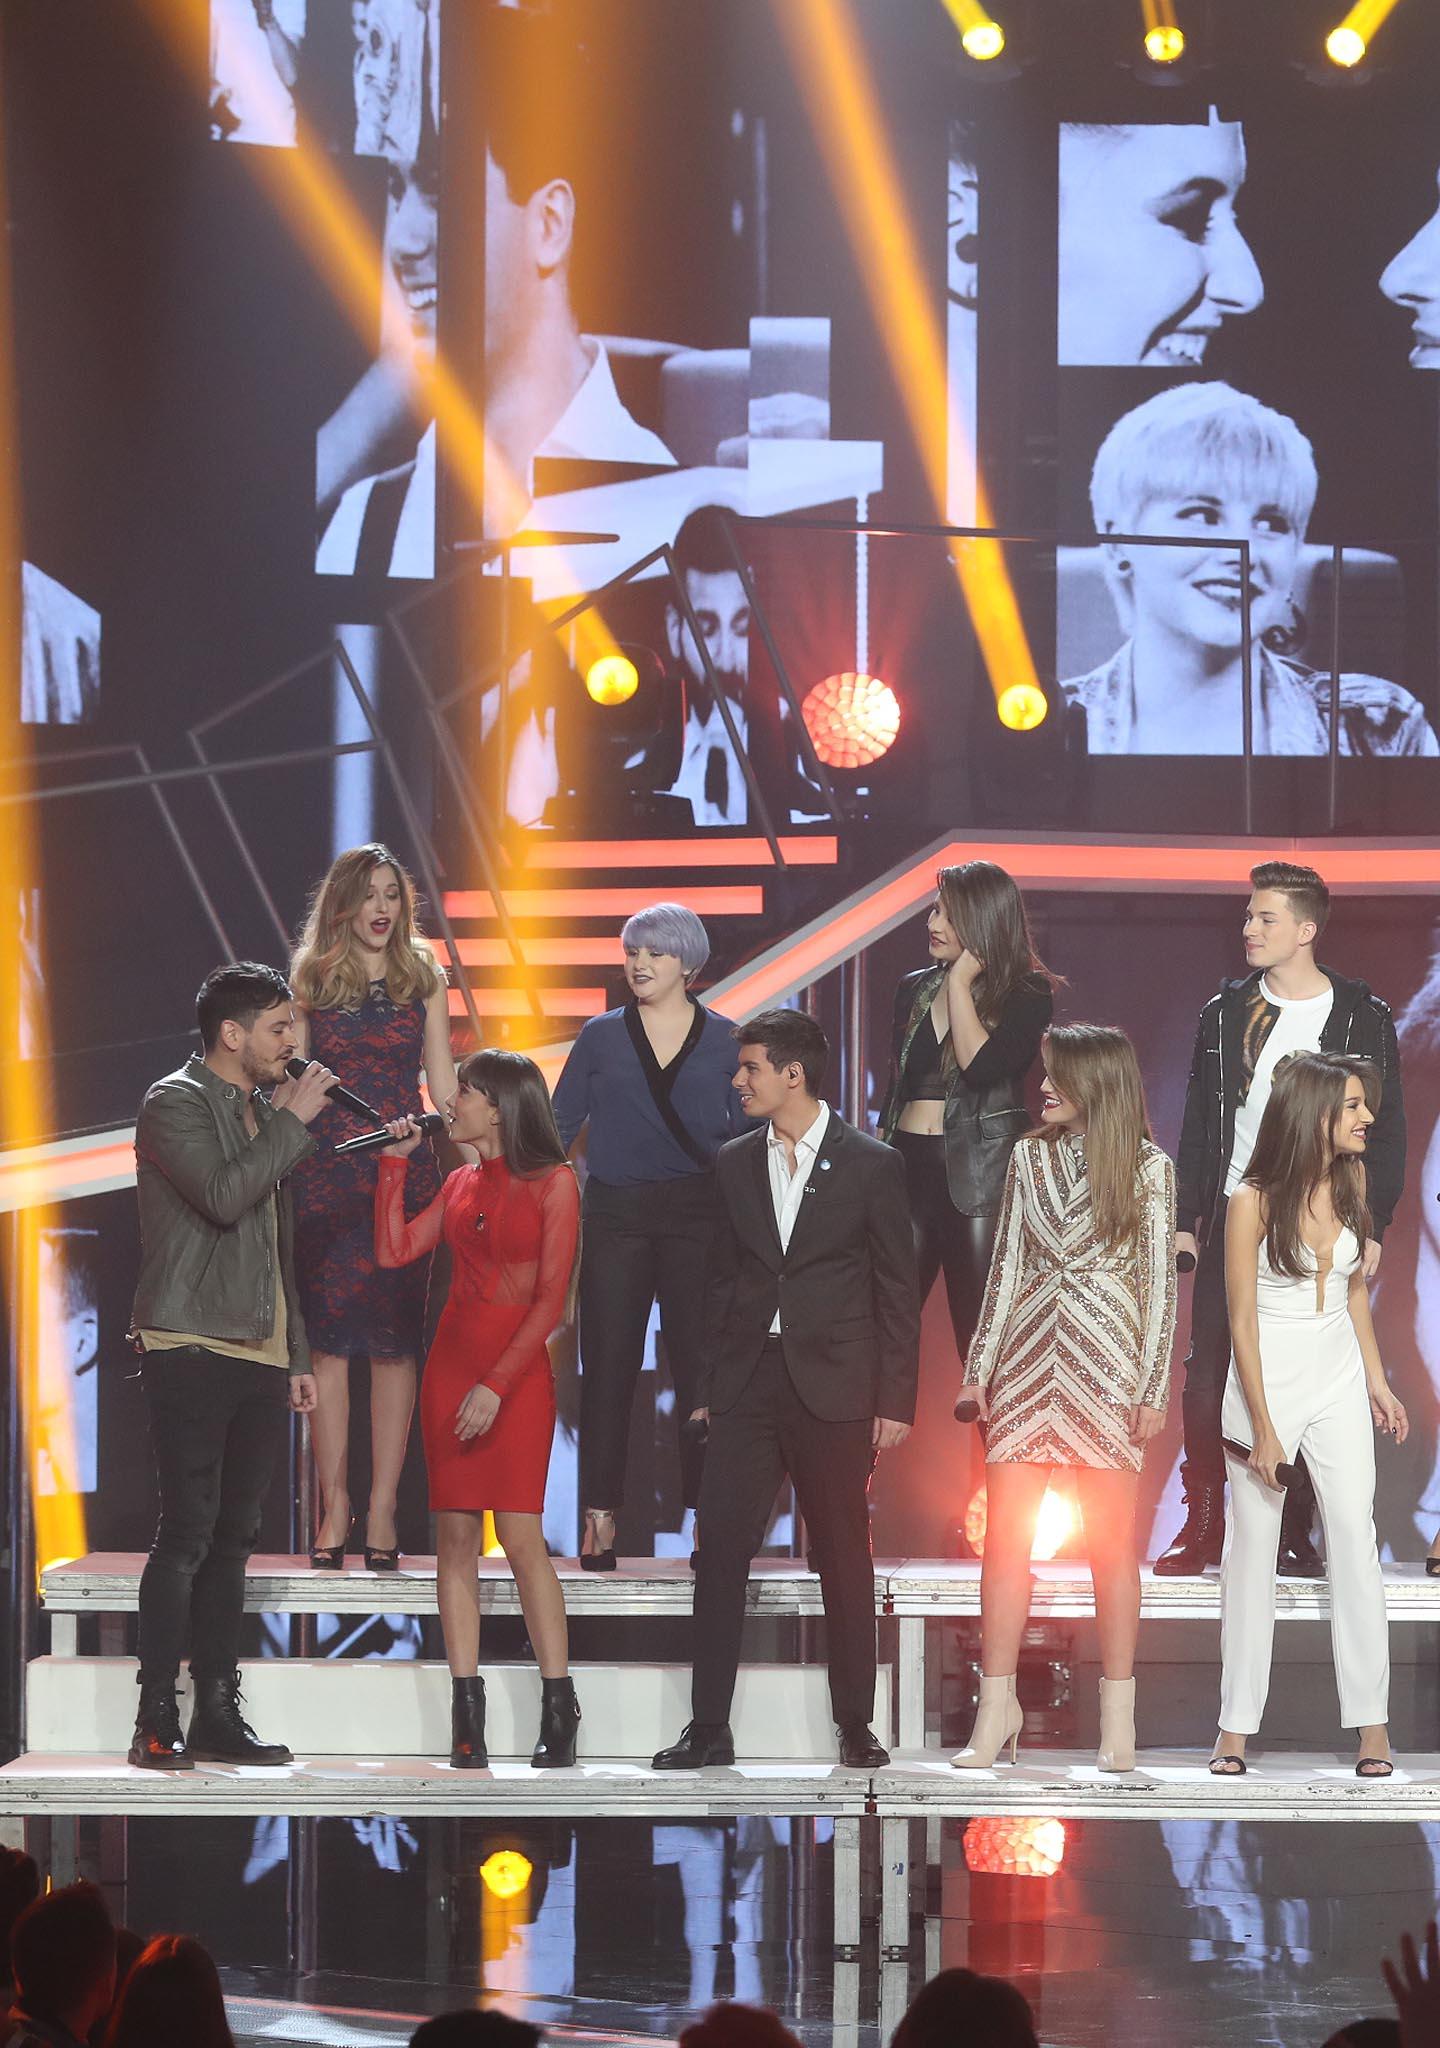 Las canciones grupales de la Gala Fiesta de OT